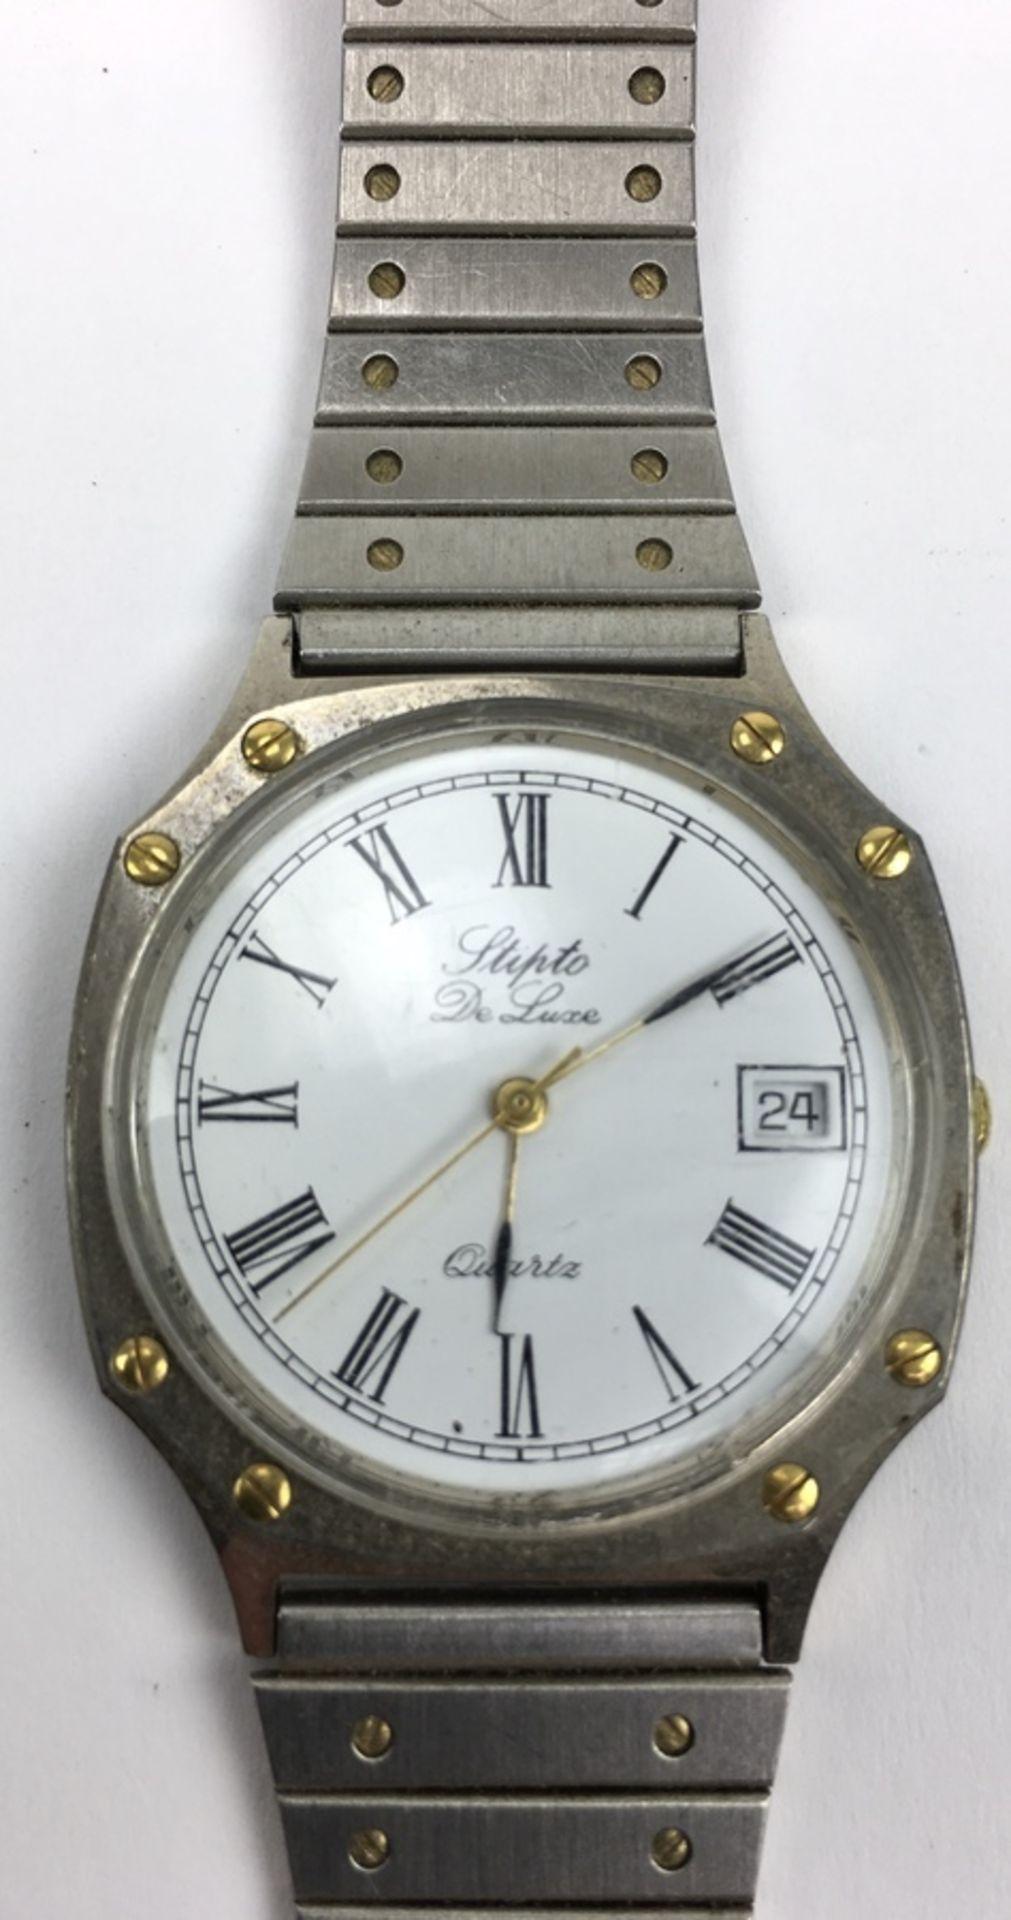 (Sieraden) HorlogesDrie verschillende merken horloges. Conditie: Gebruikssporen, niet getest. A - Image 2 of 7